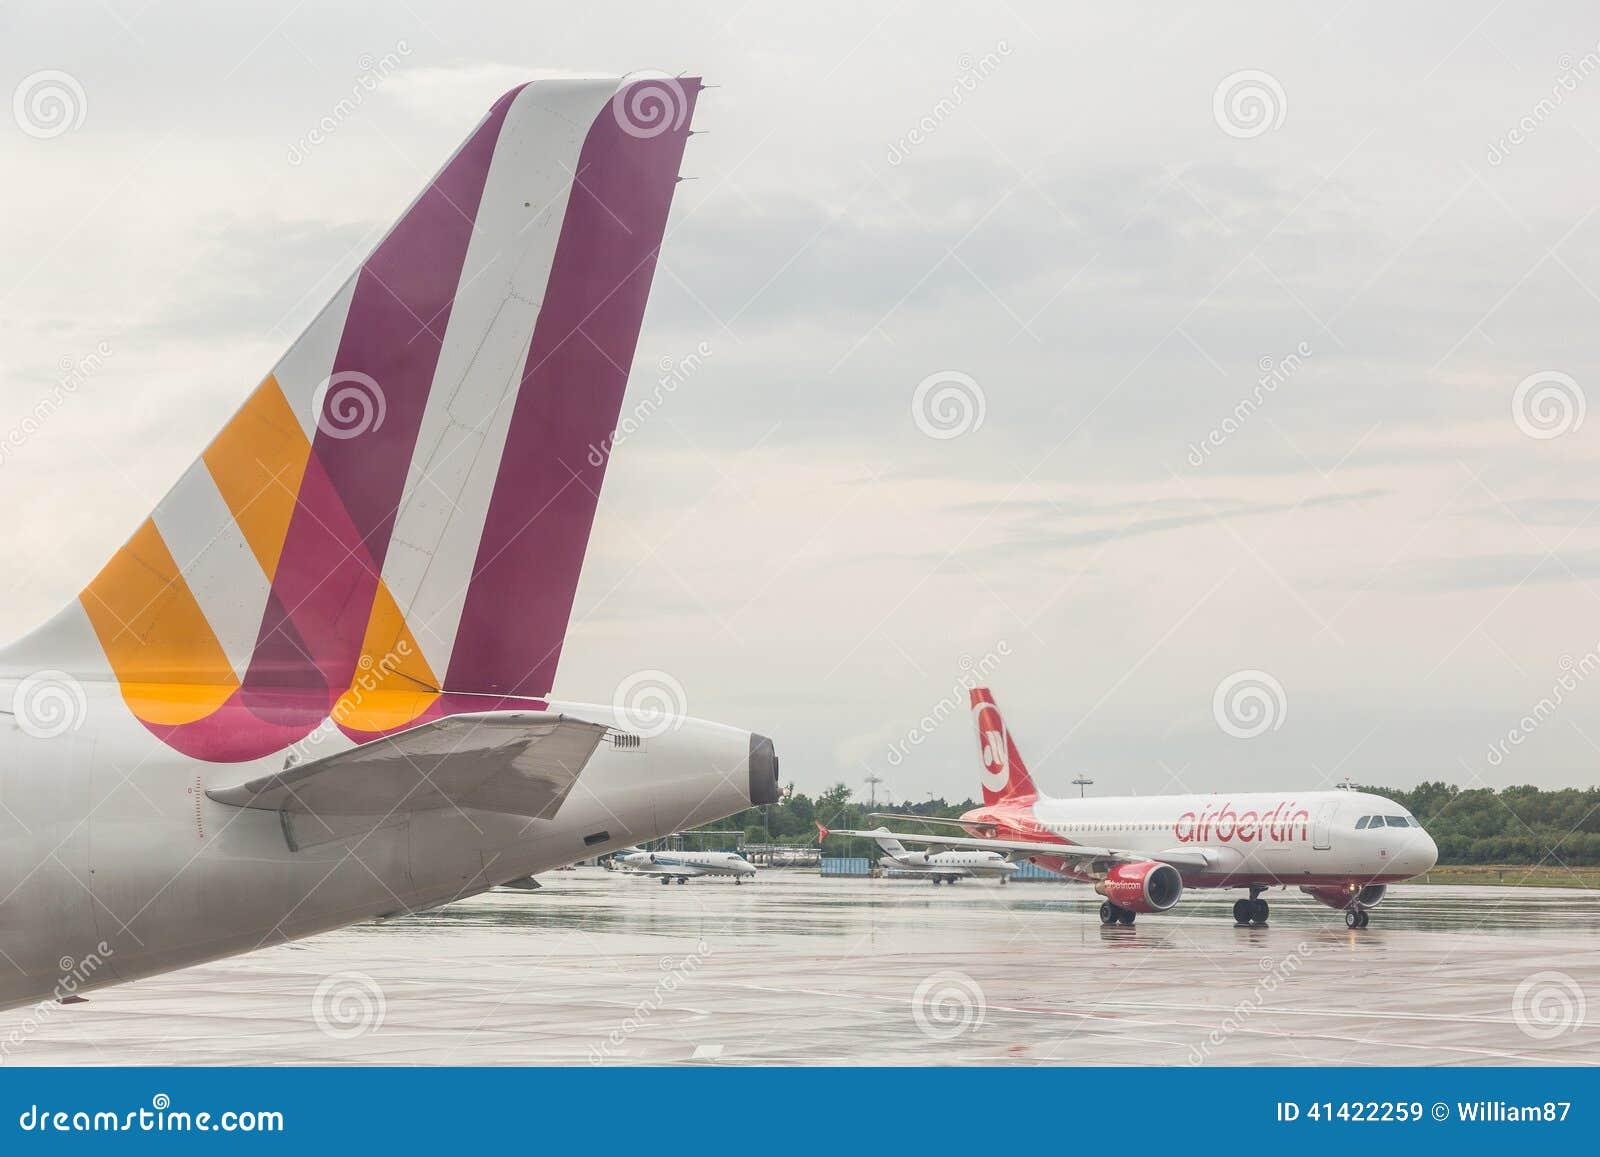 ÁGUA DE COLÔNIA, ALEMANHA - 12 DE MAIO DE 2014: Ar Berlin Airbus A320 em Colog